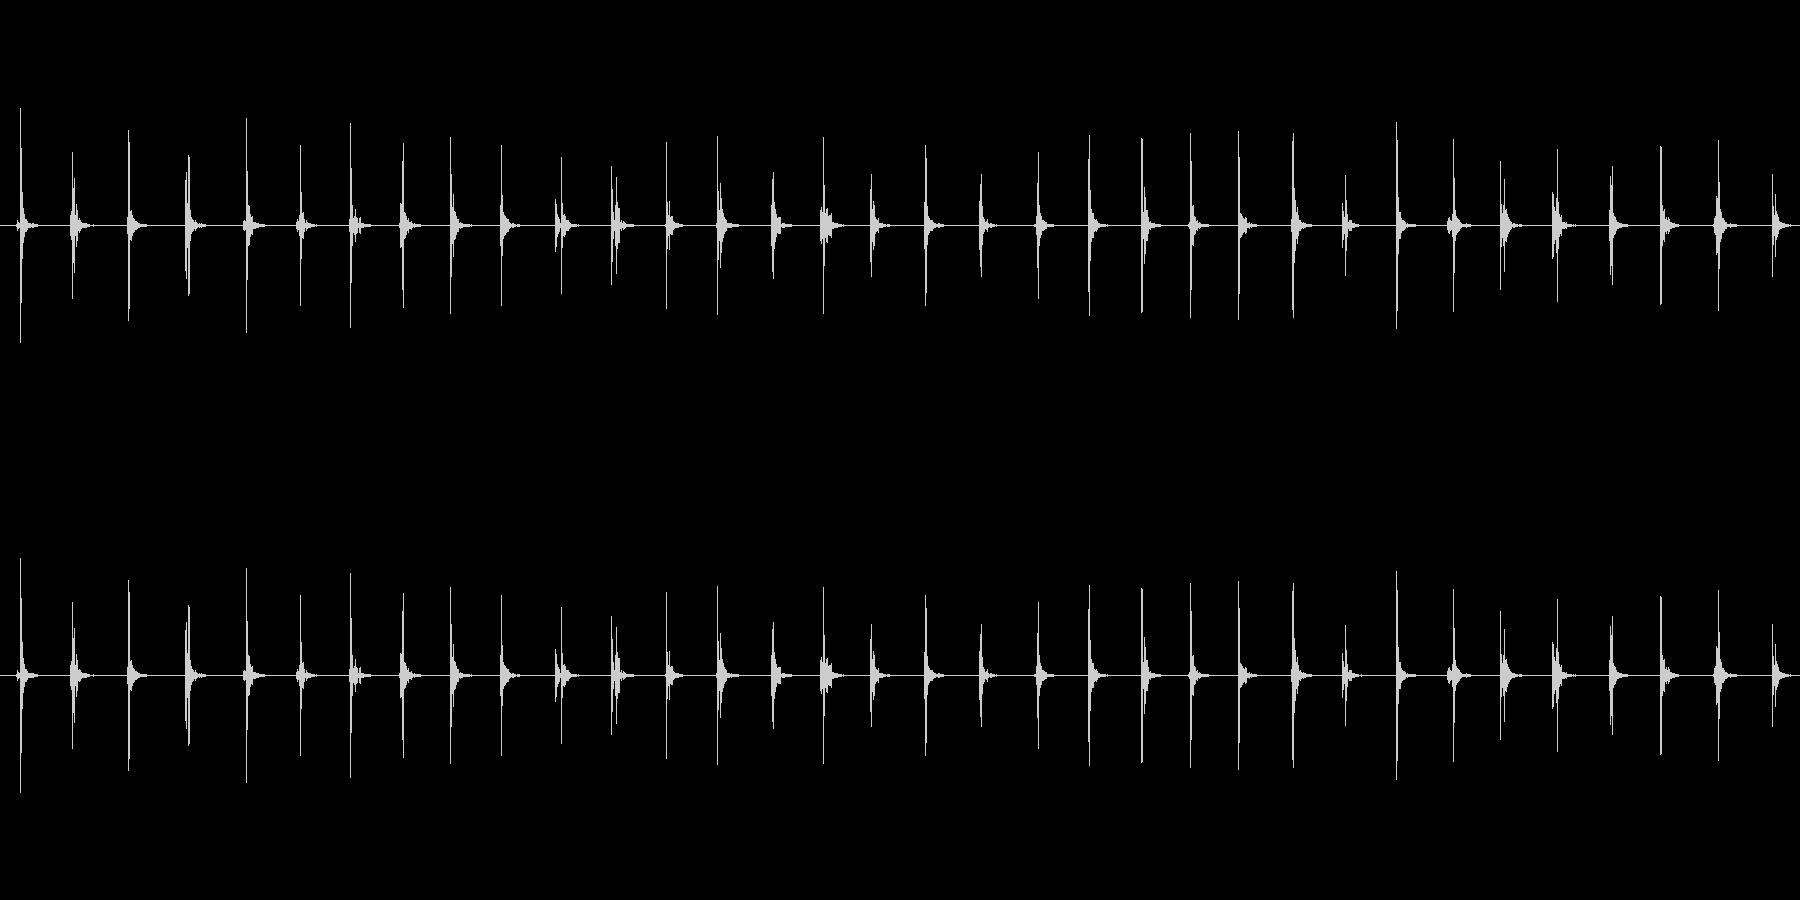 【足音03-2L】の未再生の波形